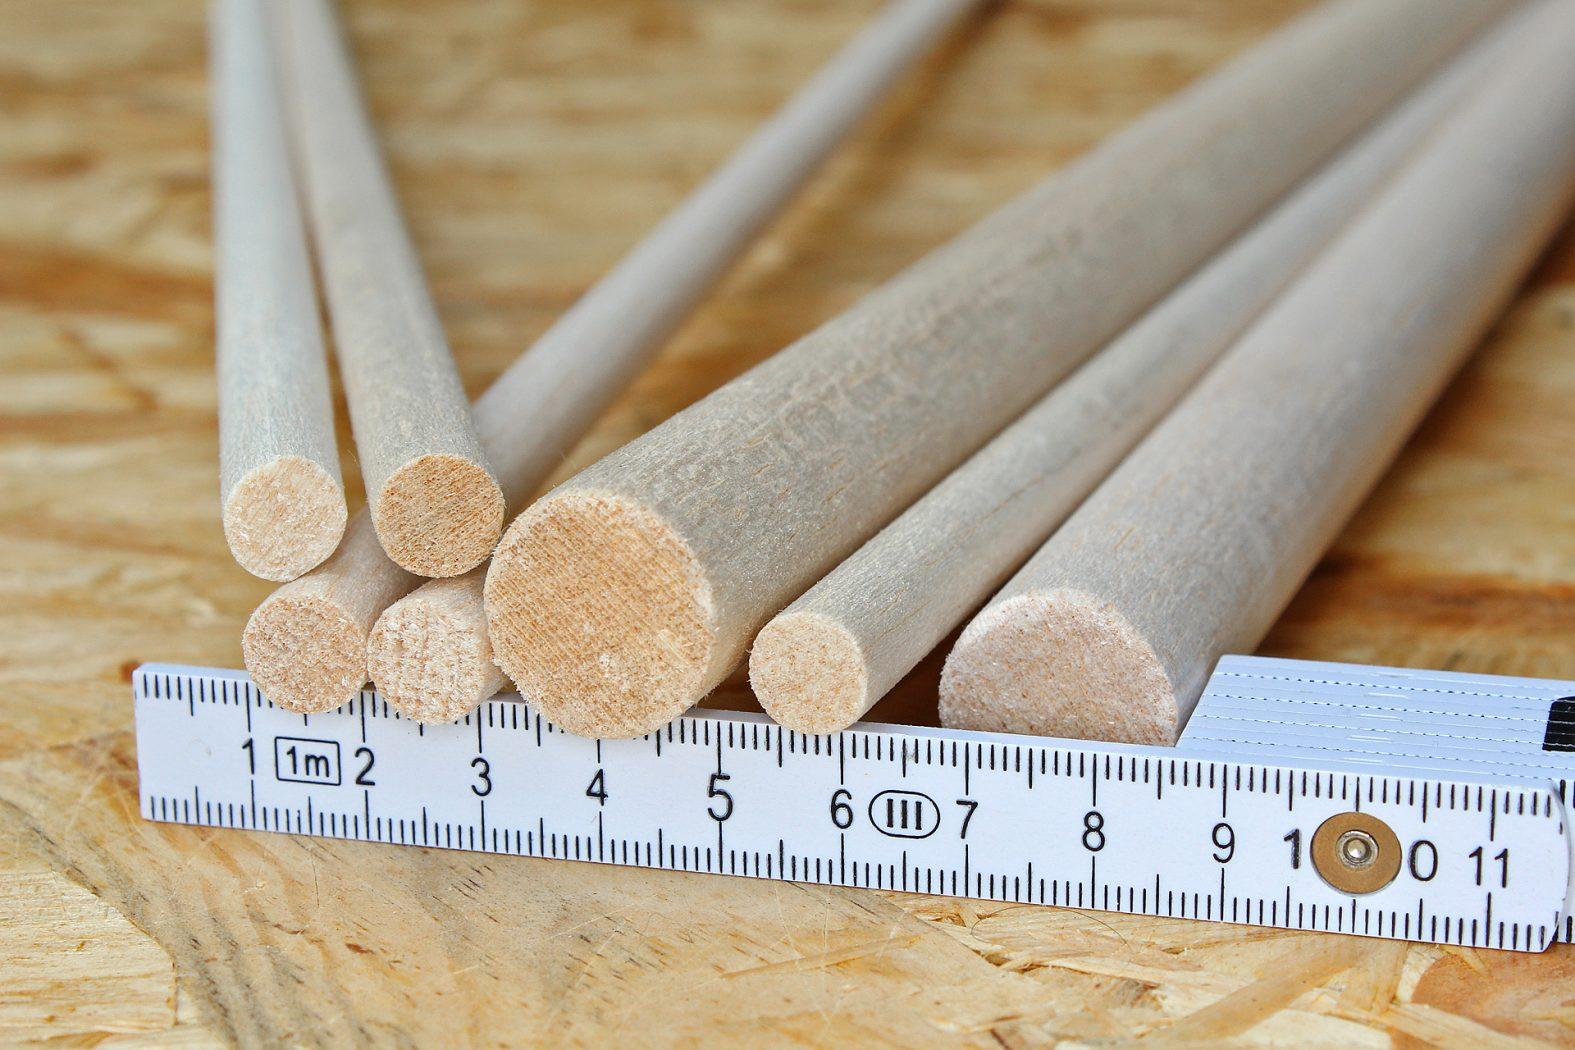 Posen aus Balsaholz selber bauen